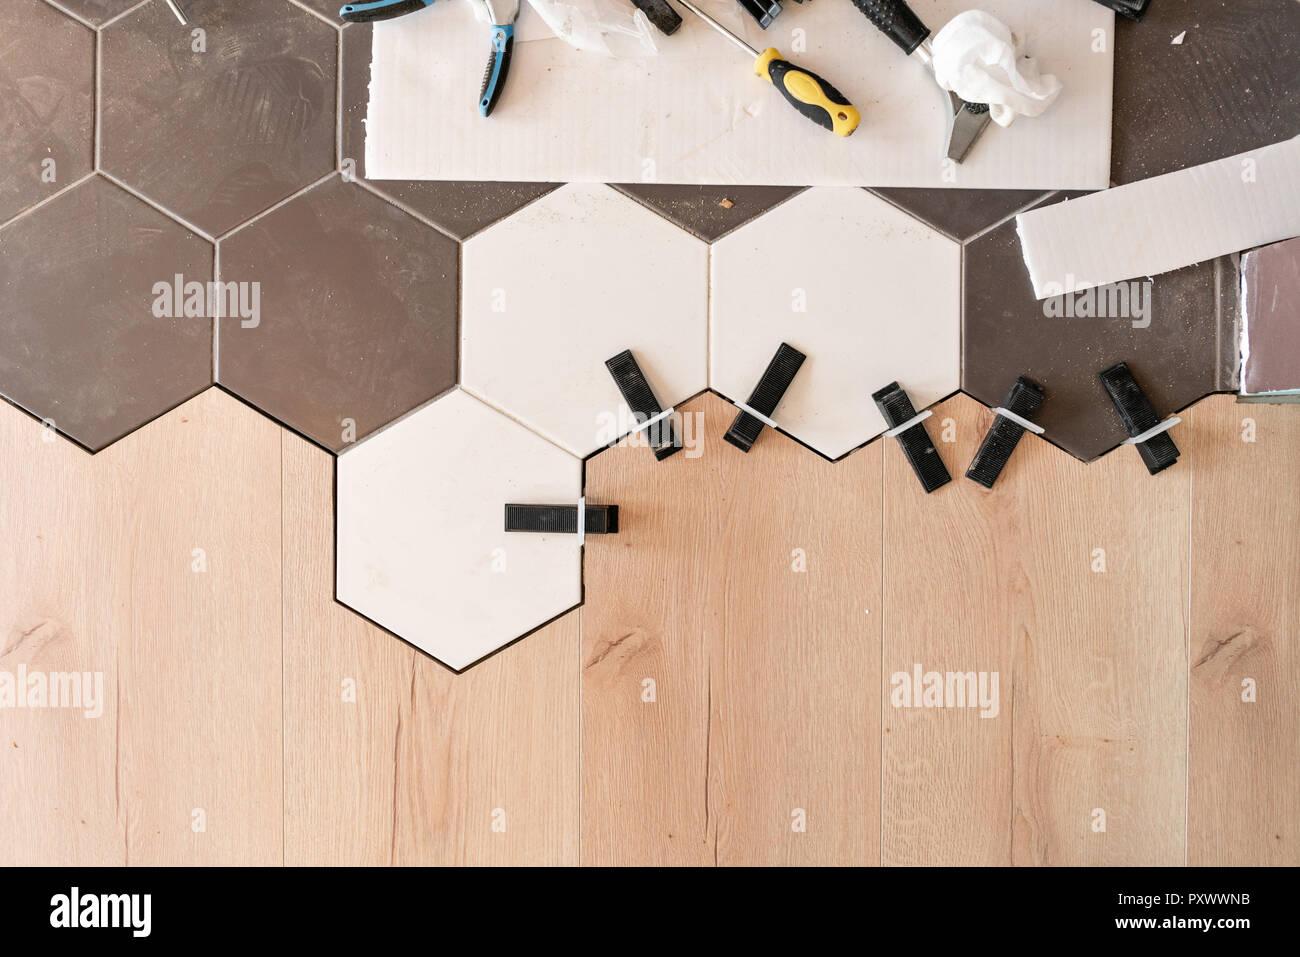 Die Kombination aus Holz Paneele Laminat und Fliesen in Form von ...